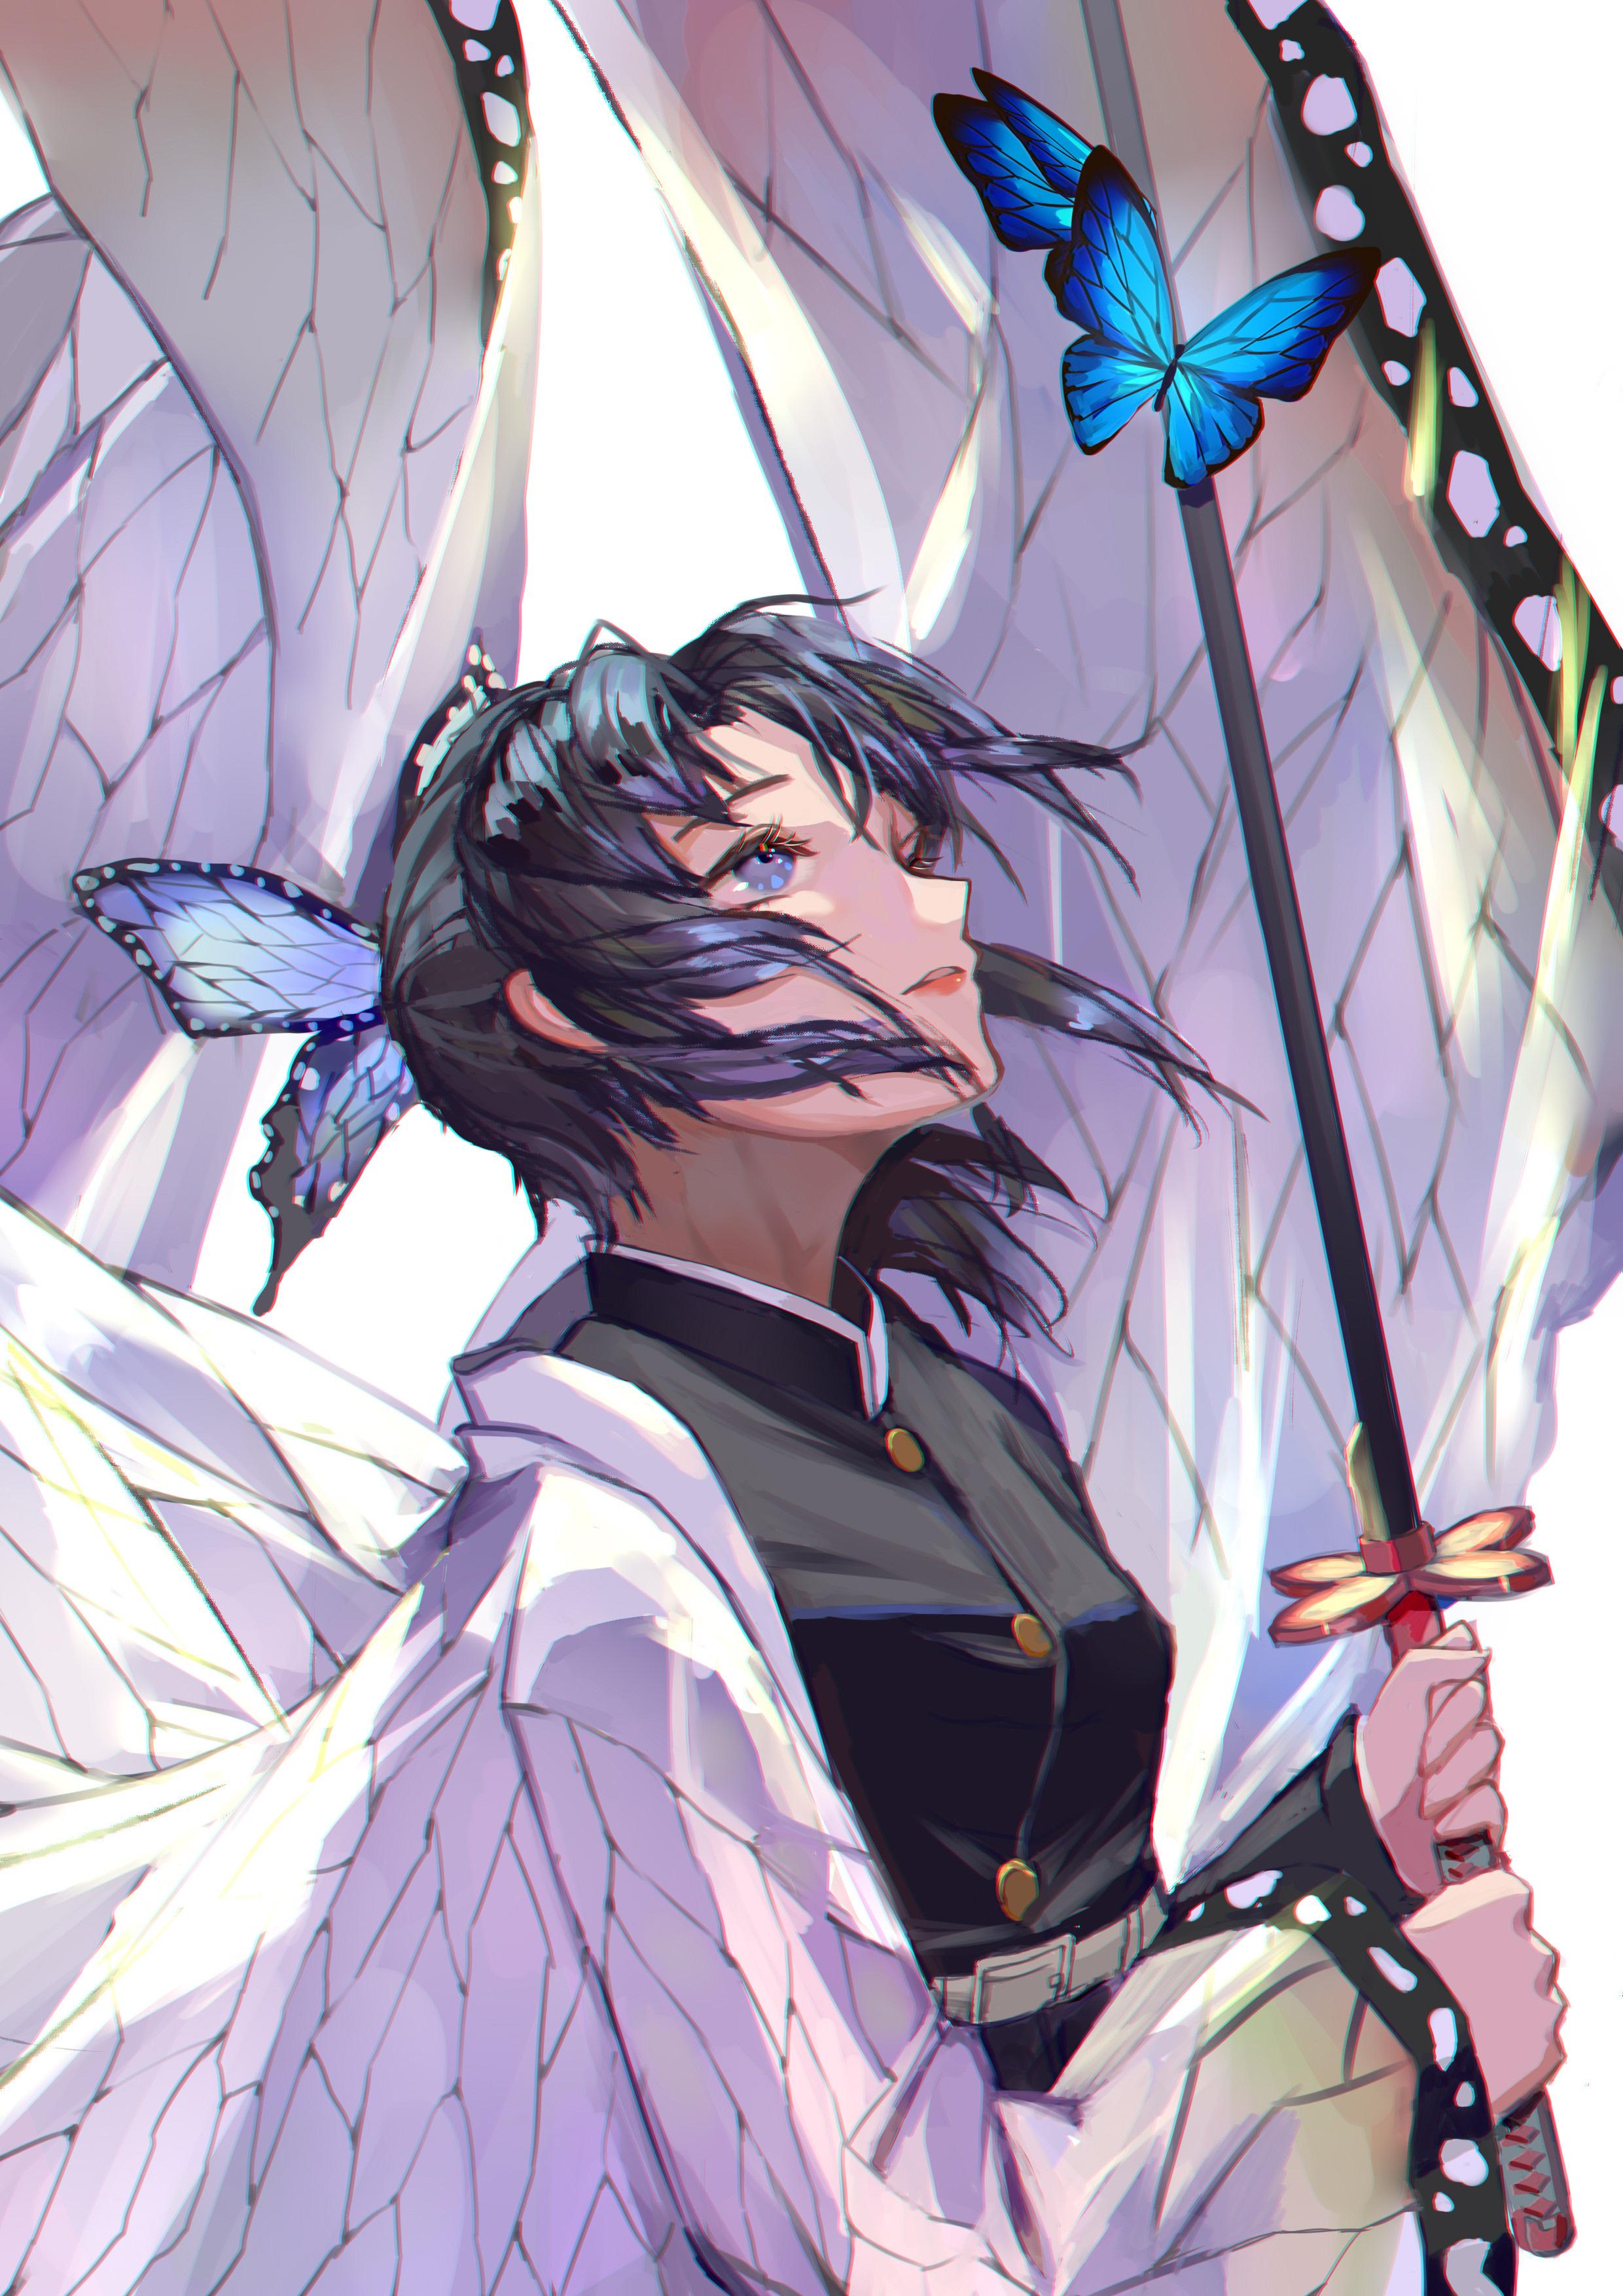 Kochou Shinobu Kimetsu no Yaiba Image 2707515